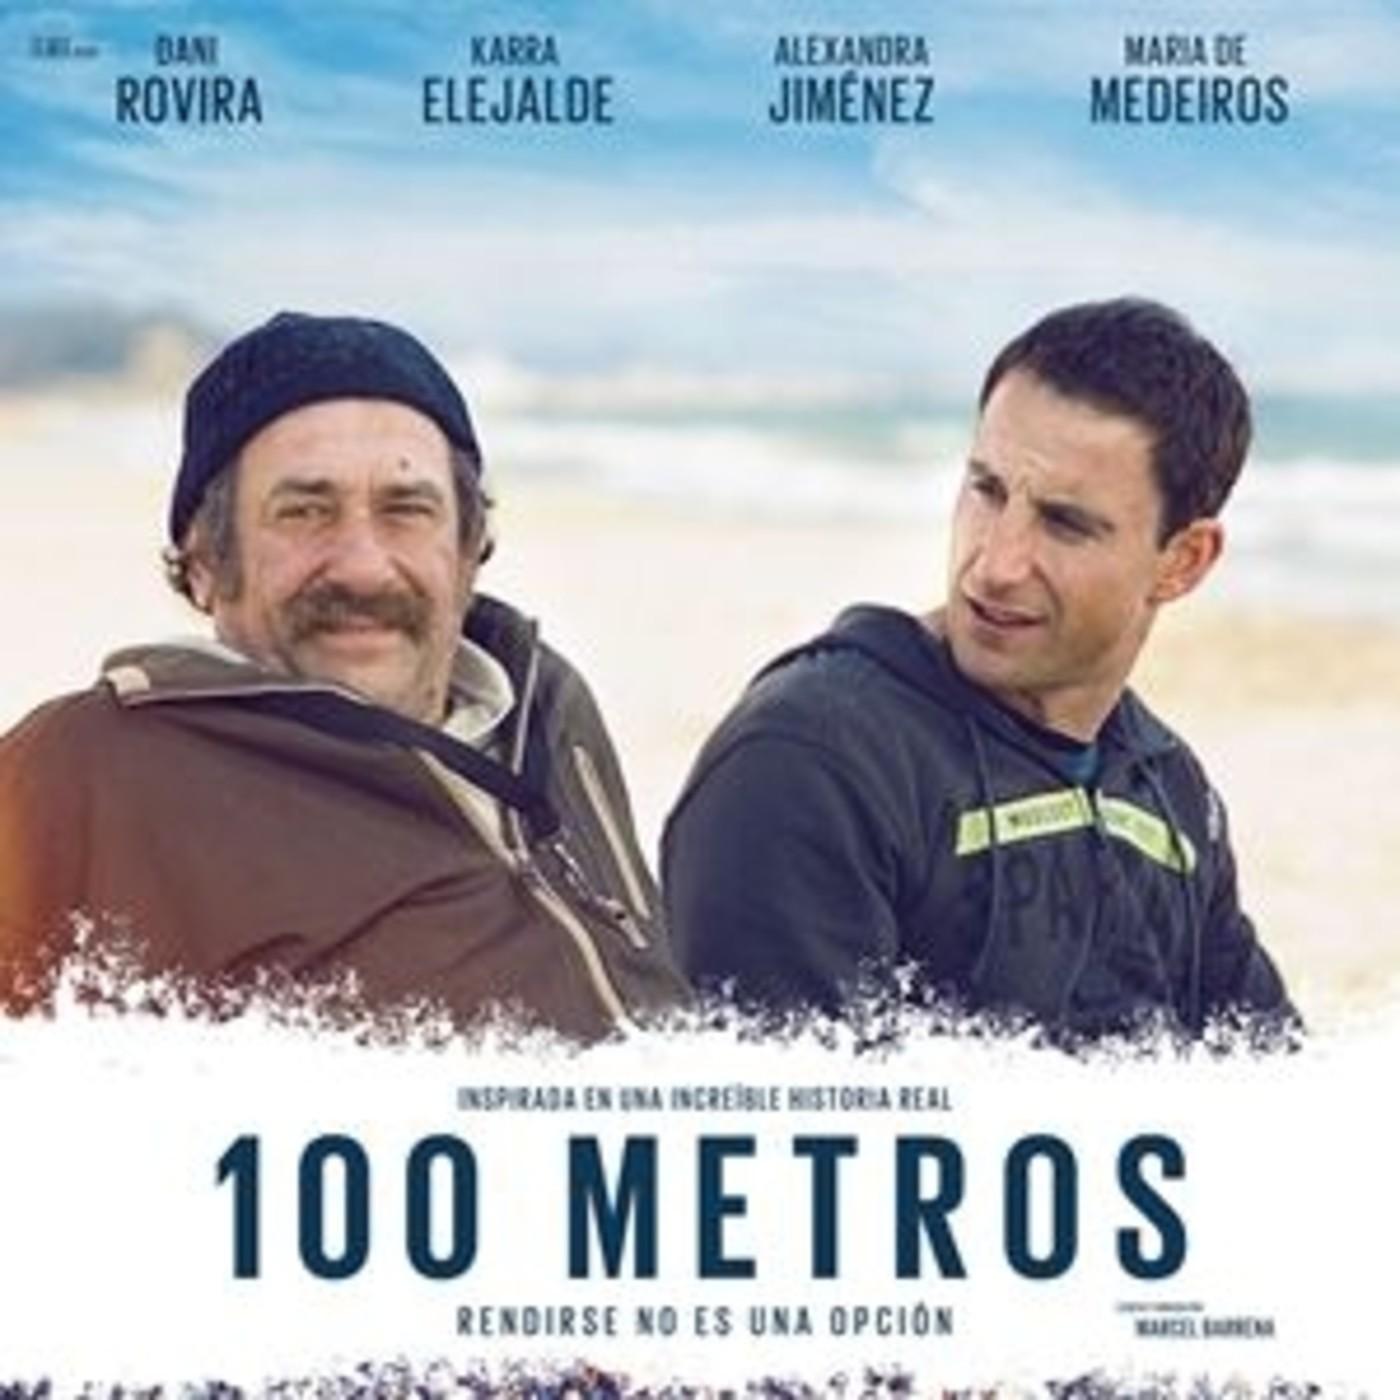 Meters  Movie Online